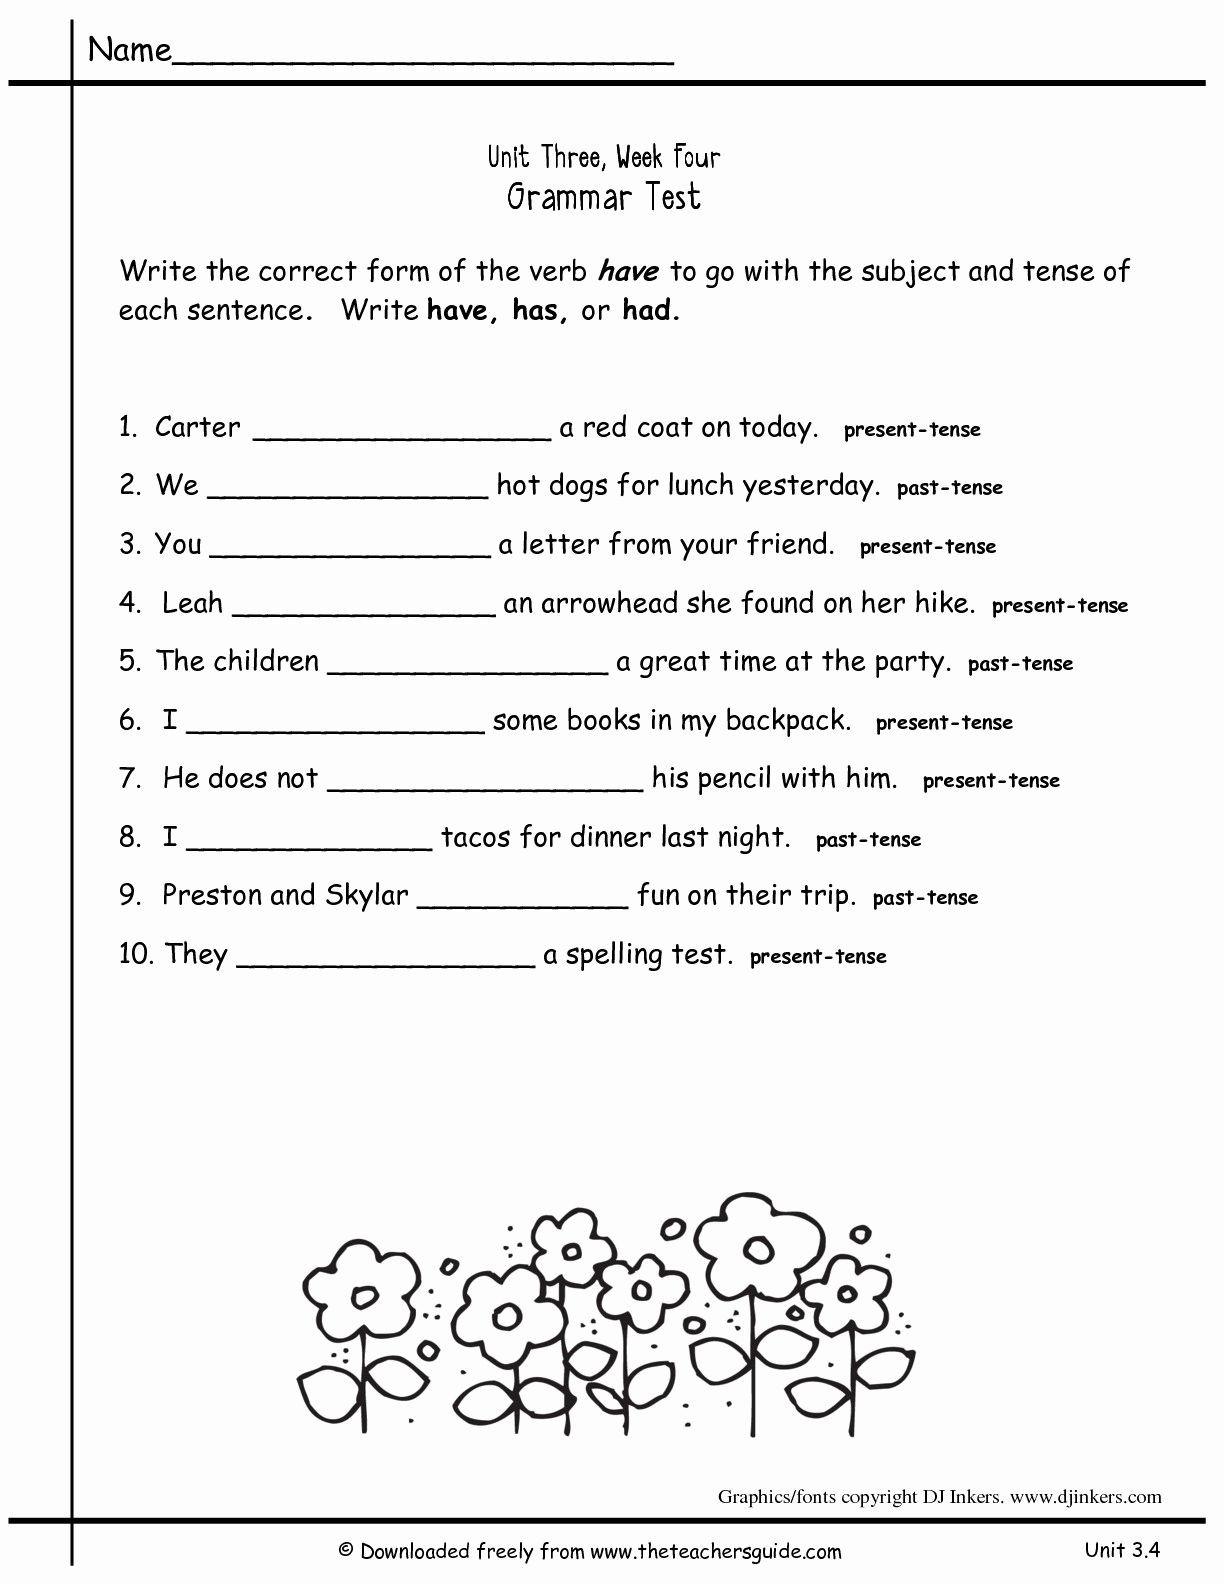 Grammar Worksheets for 8th Graders 2nd Grade Grammar Worksheets Pdf New Worksheets for All